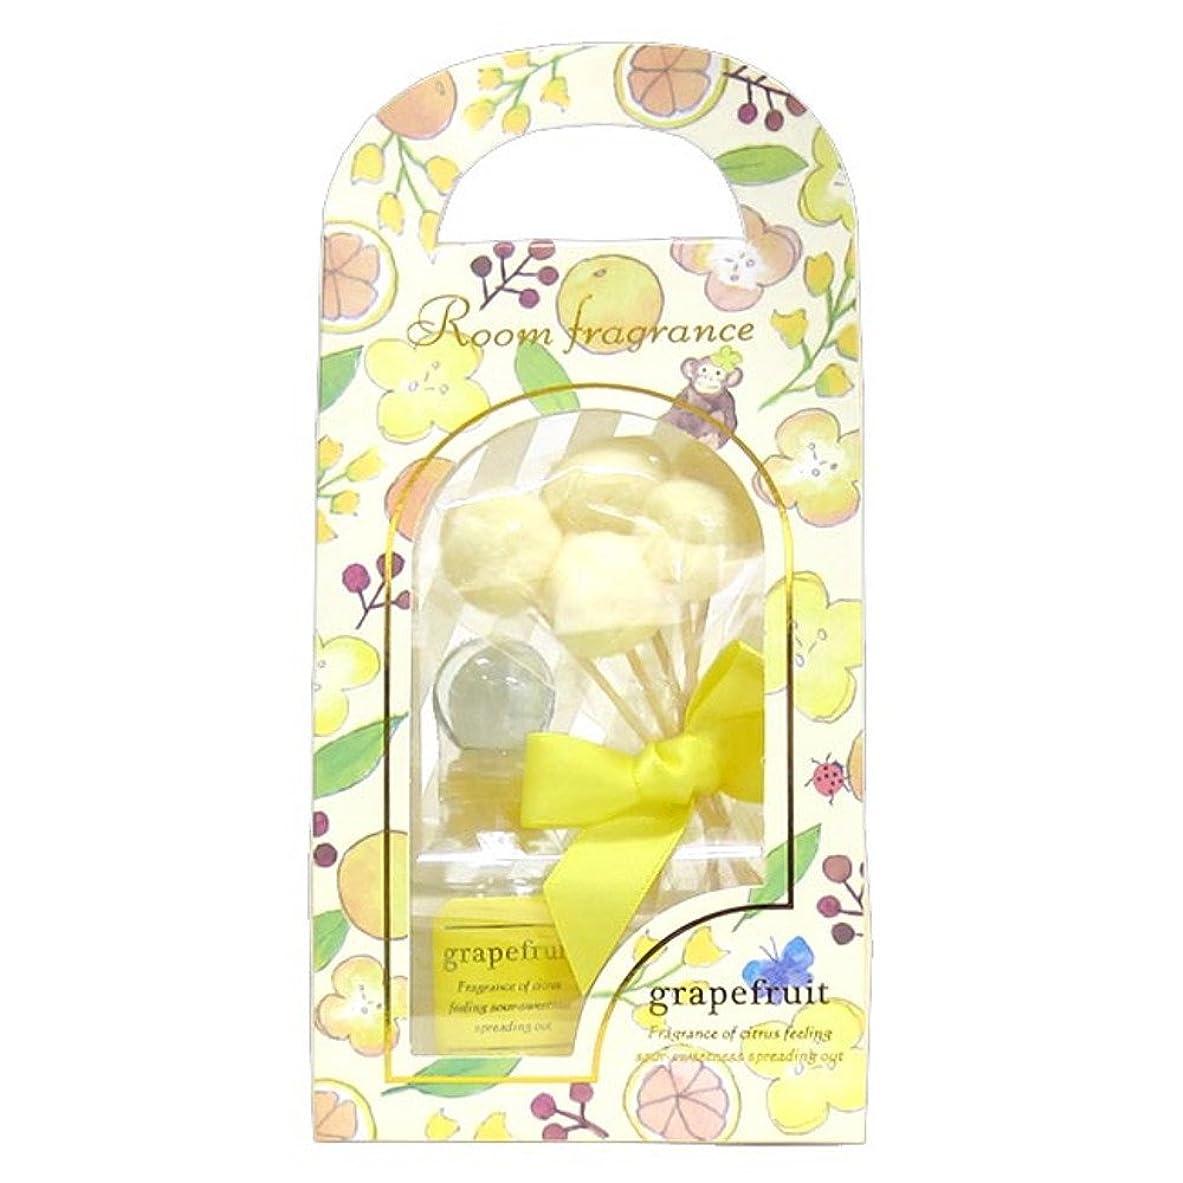 バース海里酸度サンハーブ ルームフレグランス グレープフルーツ 30mL (リードディフューザー 室内芳香 2-4週間 ロングセラー)